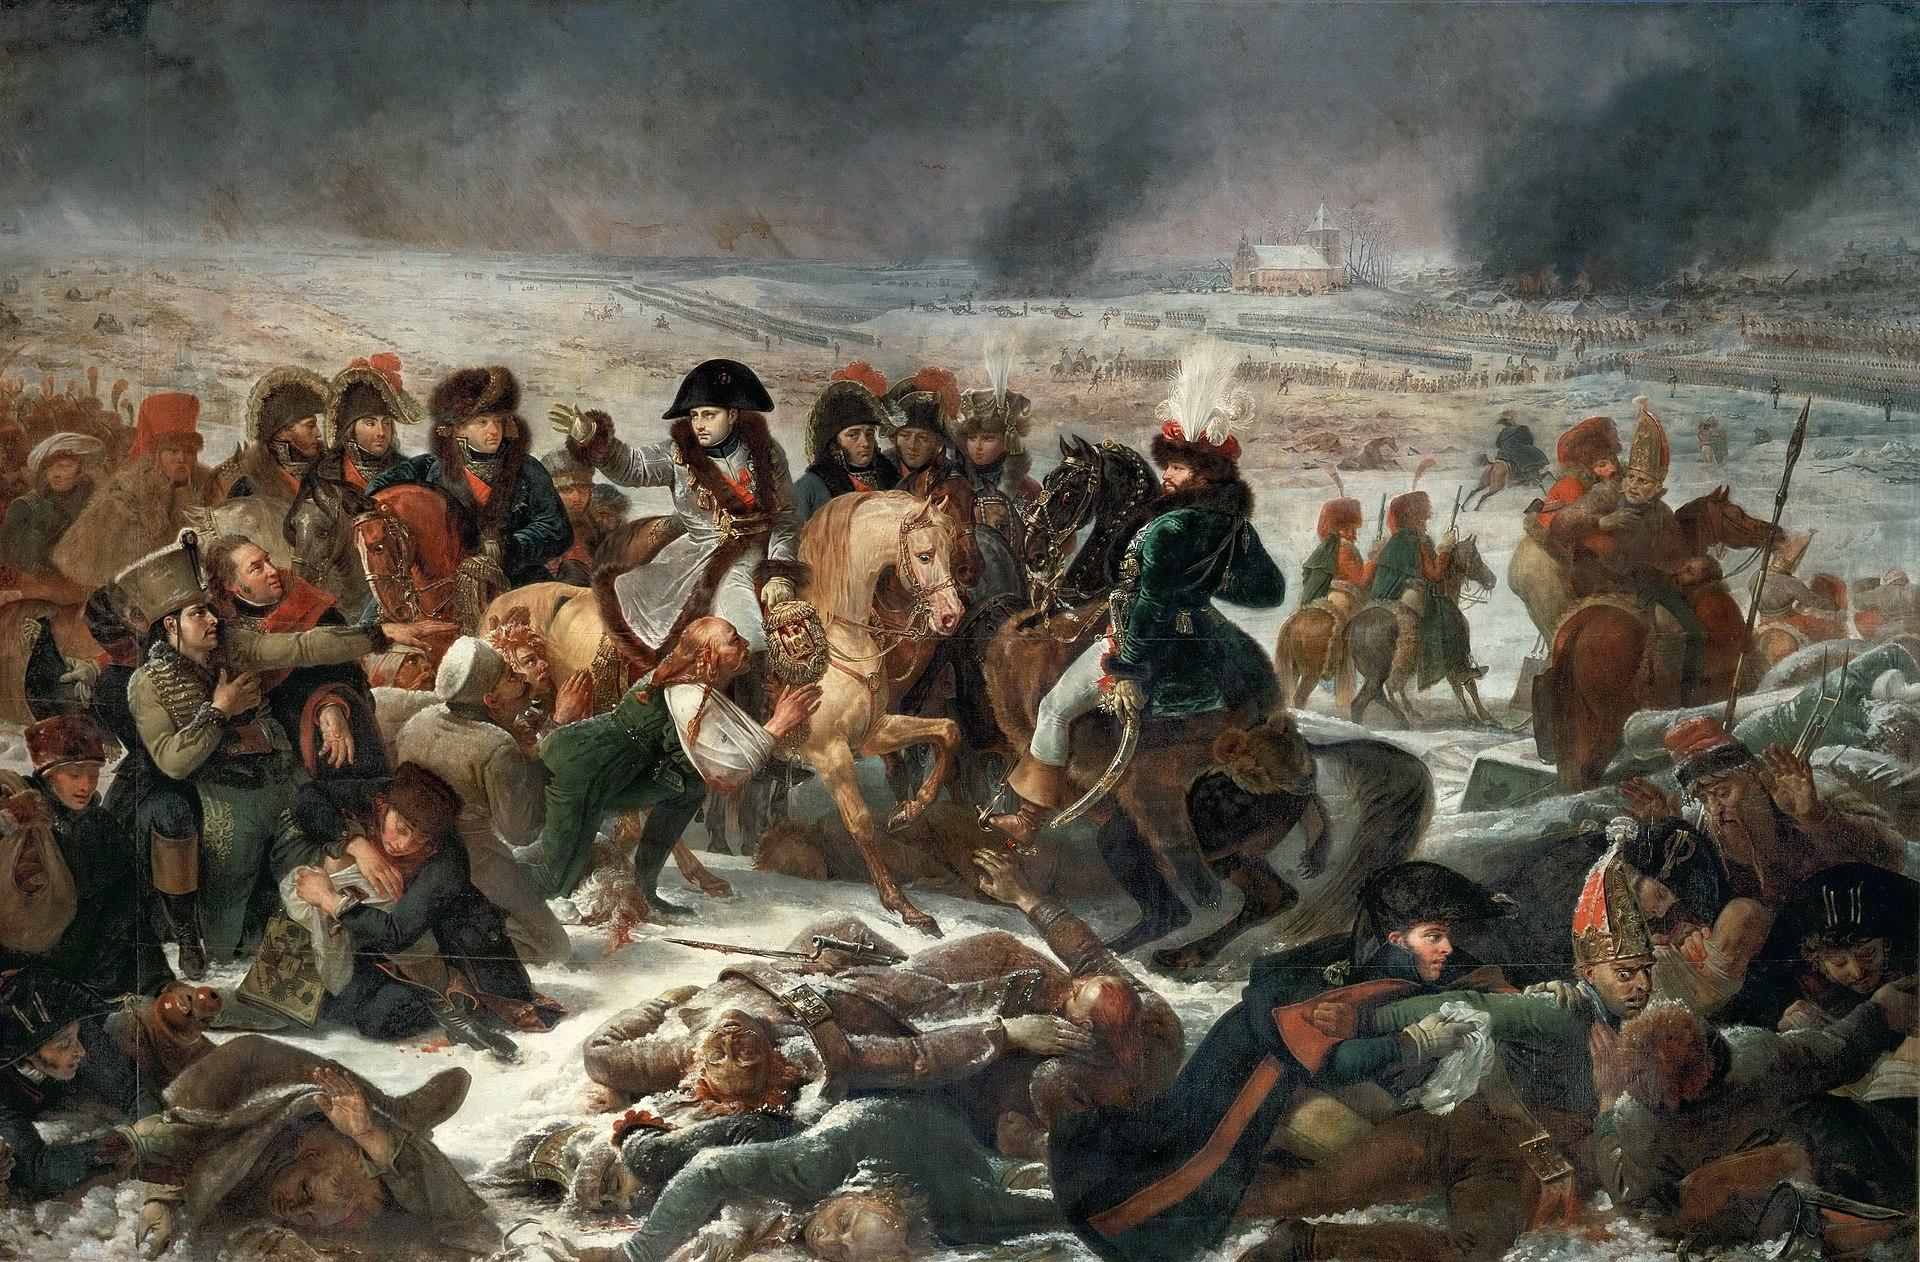 Наполеон на поле боя под Эйлау. Картиина кисти Антуана Жана Гро